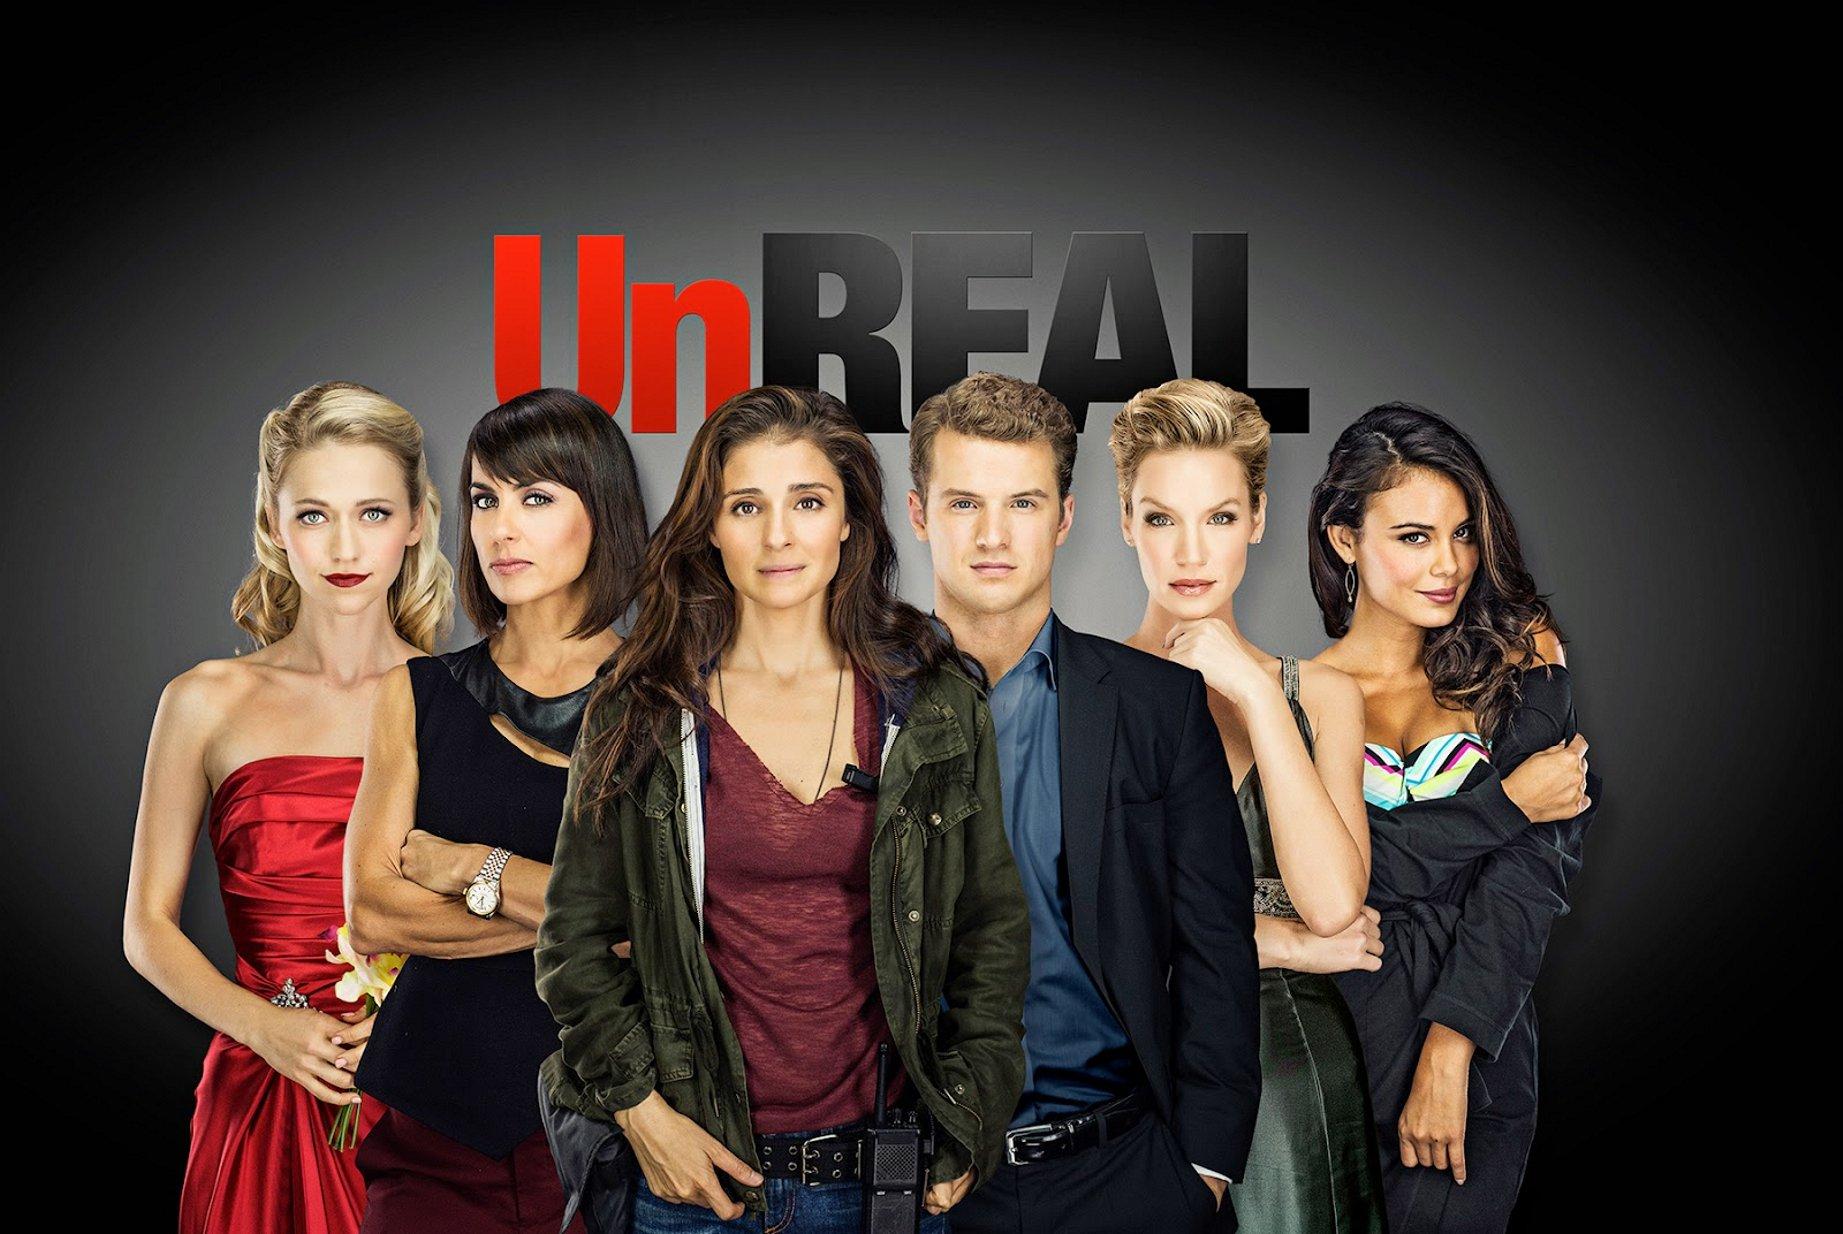 Devious Maids et UnREAL sur Lifetime en juin